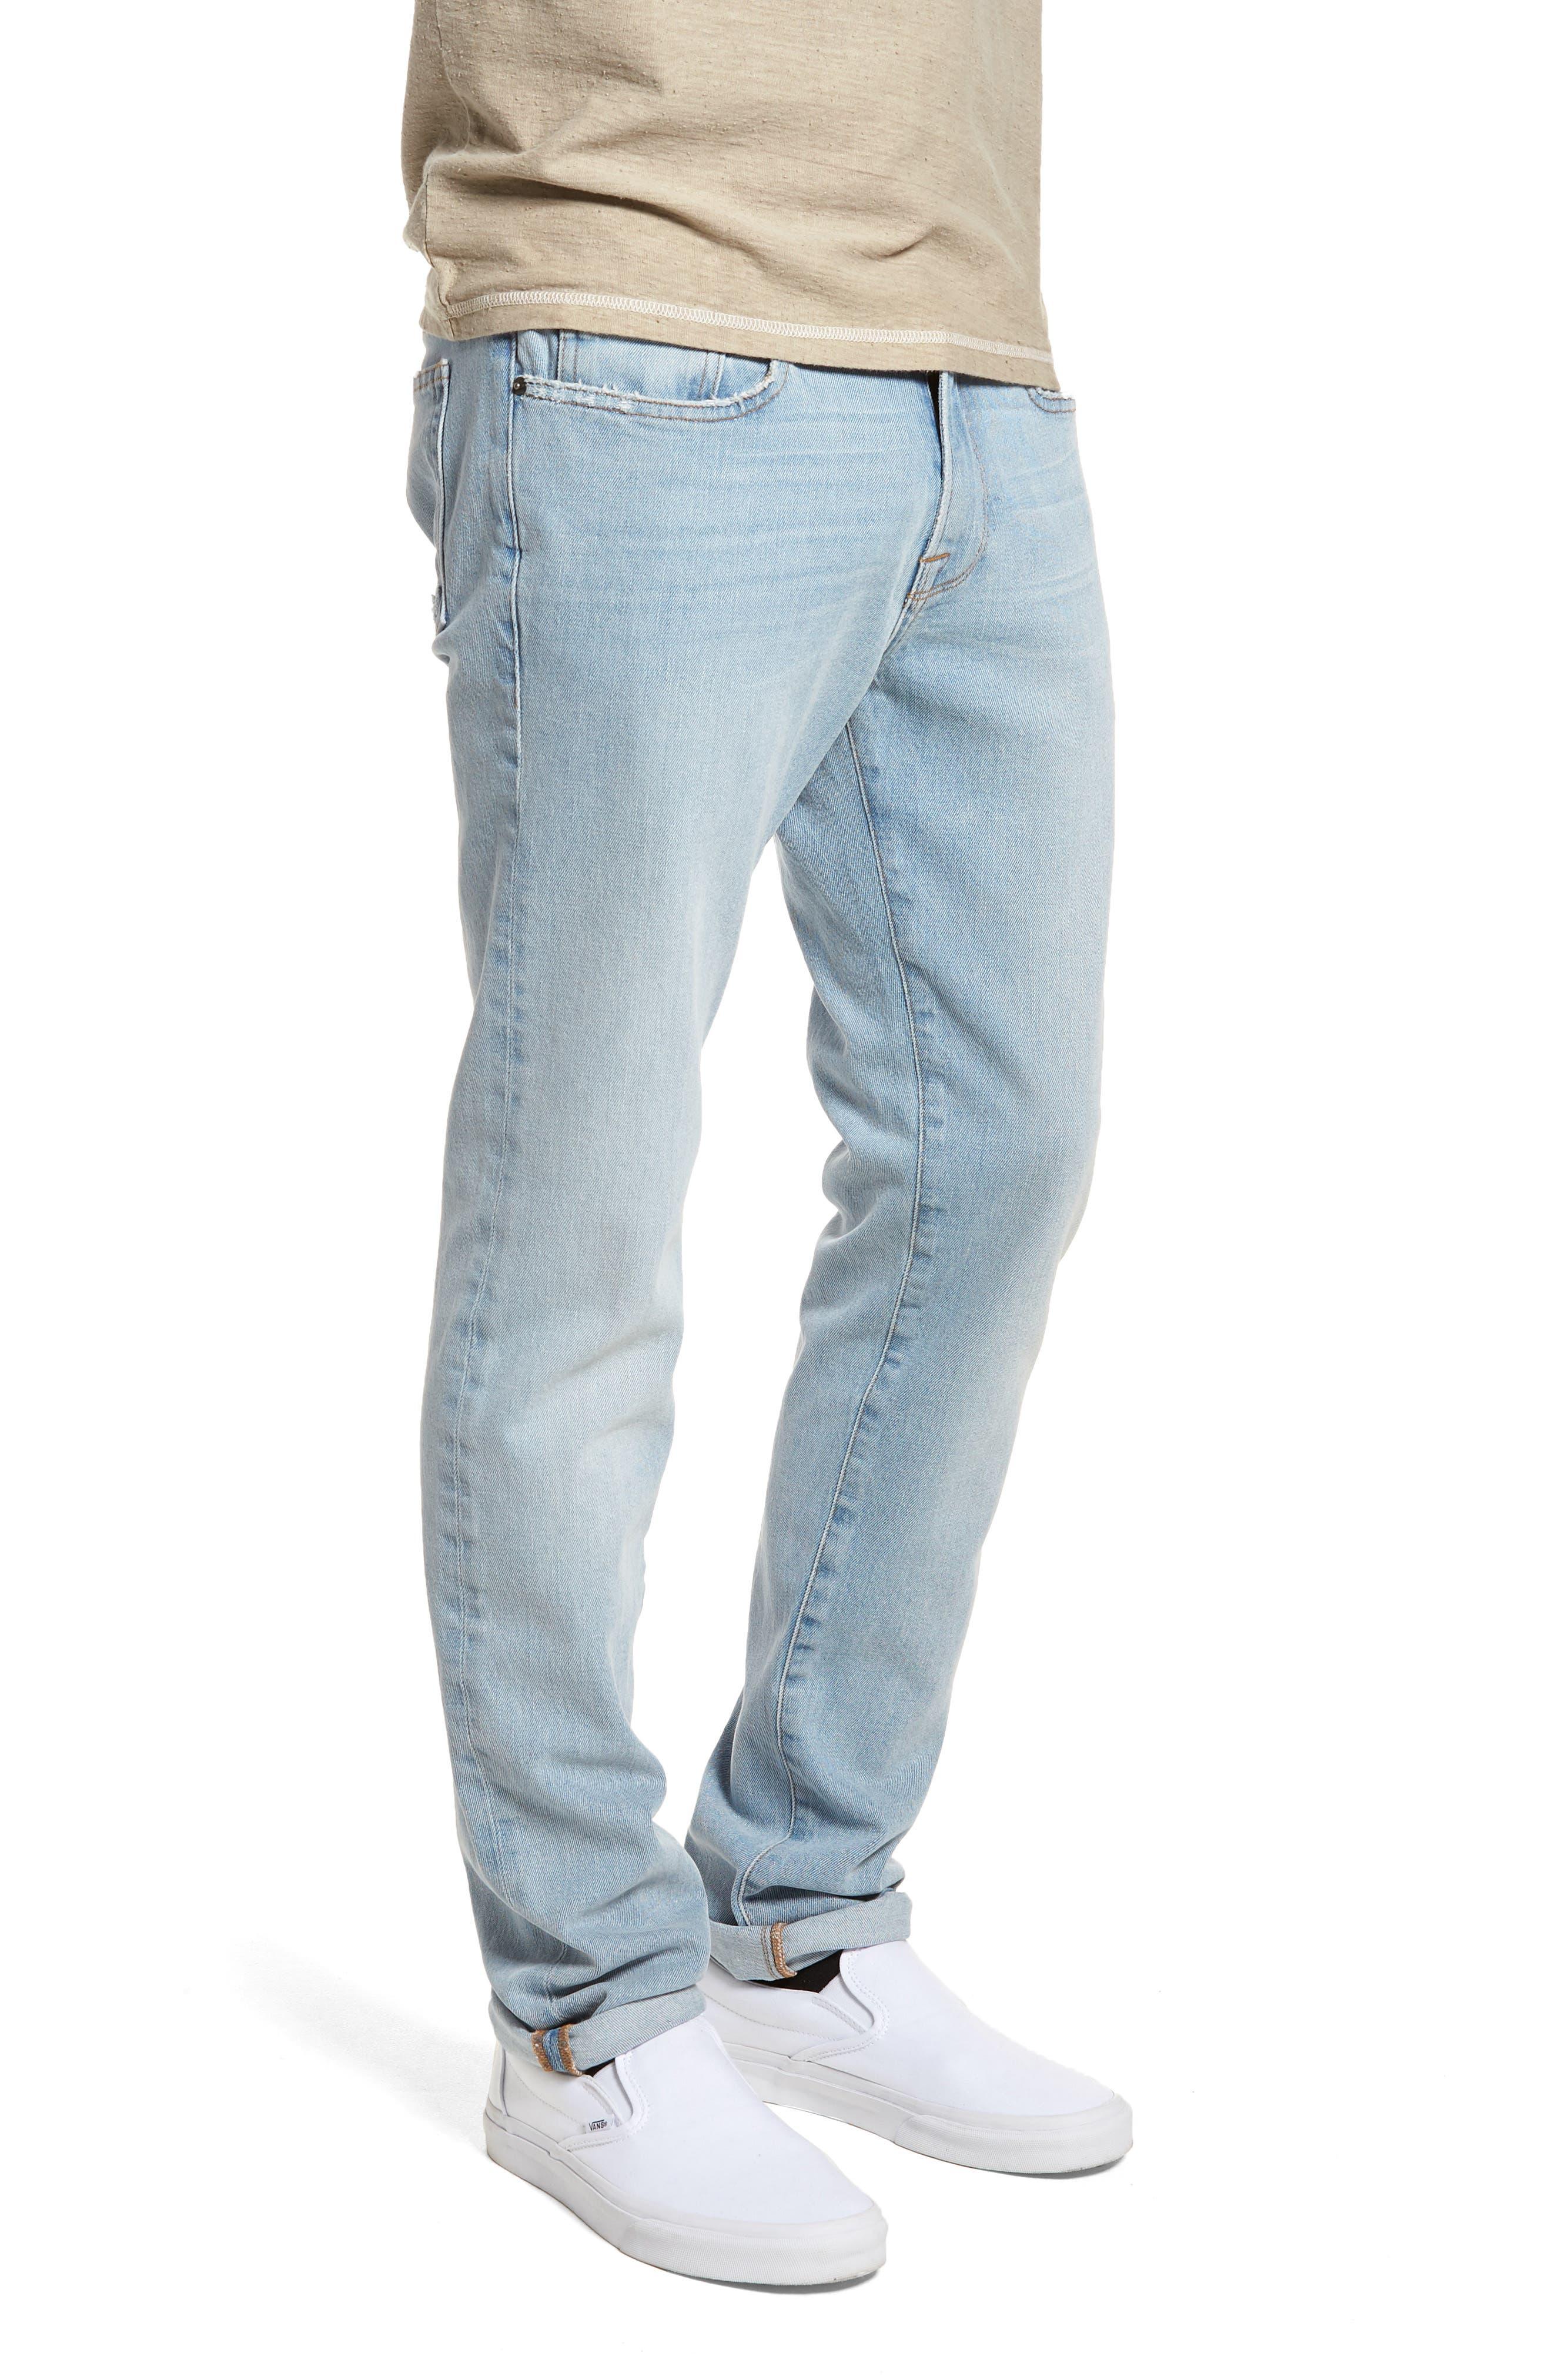 L'Homme Skinny Fit Jeans,                             Alternate thumbnail 3, color,                             Arnett